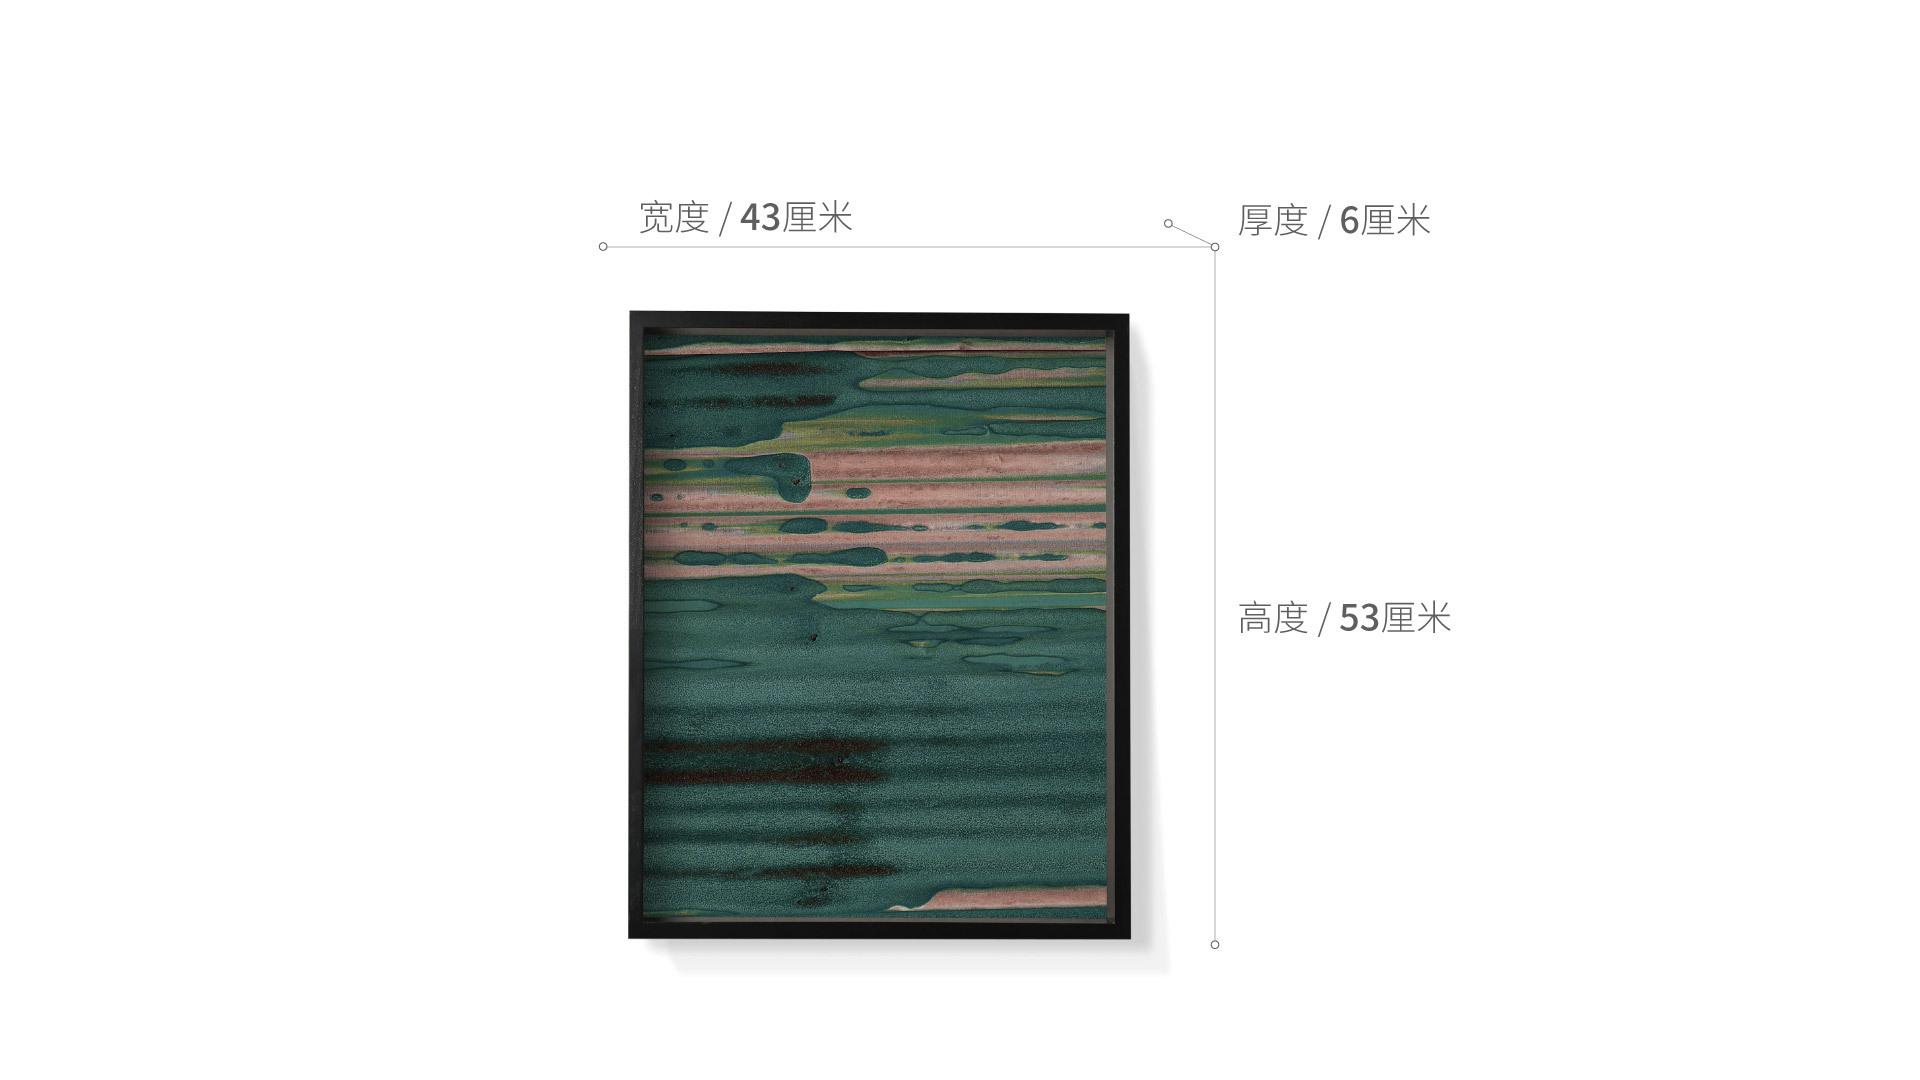 造画-材质系列之楞装饰效果图